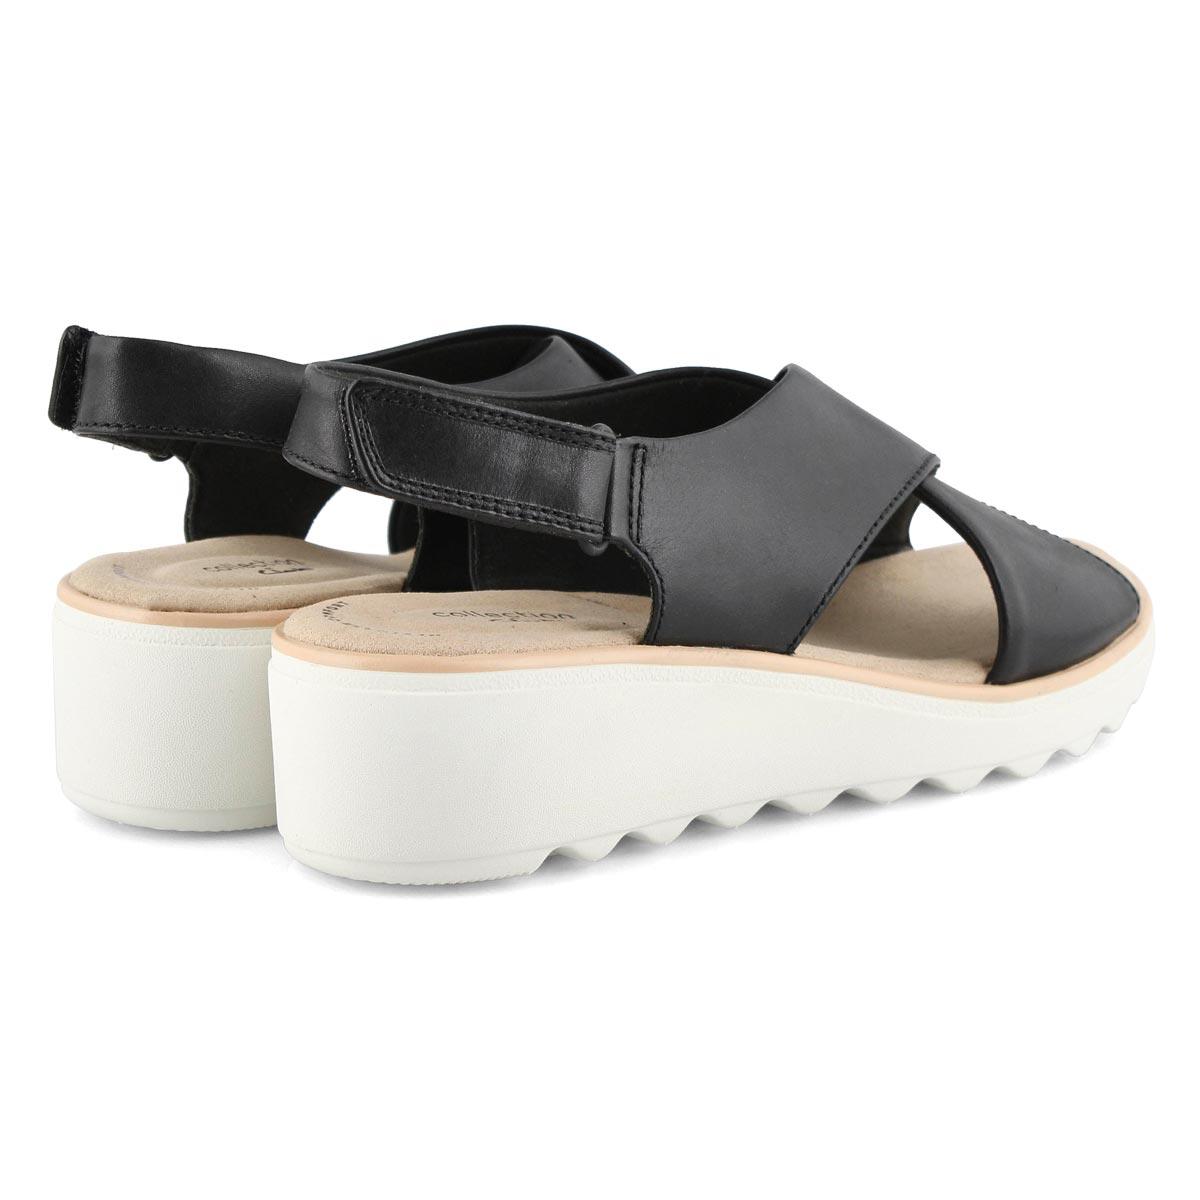 Sandales compensées JILLIAN JEWEL, noir, femmes